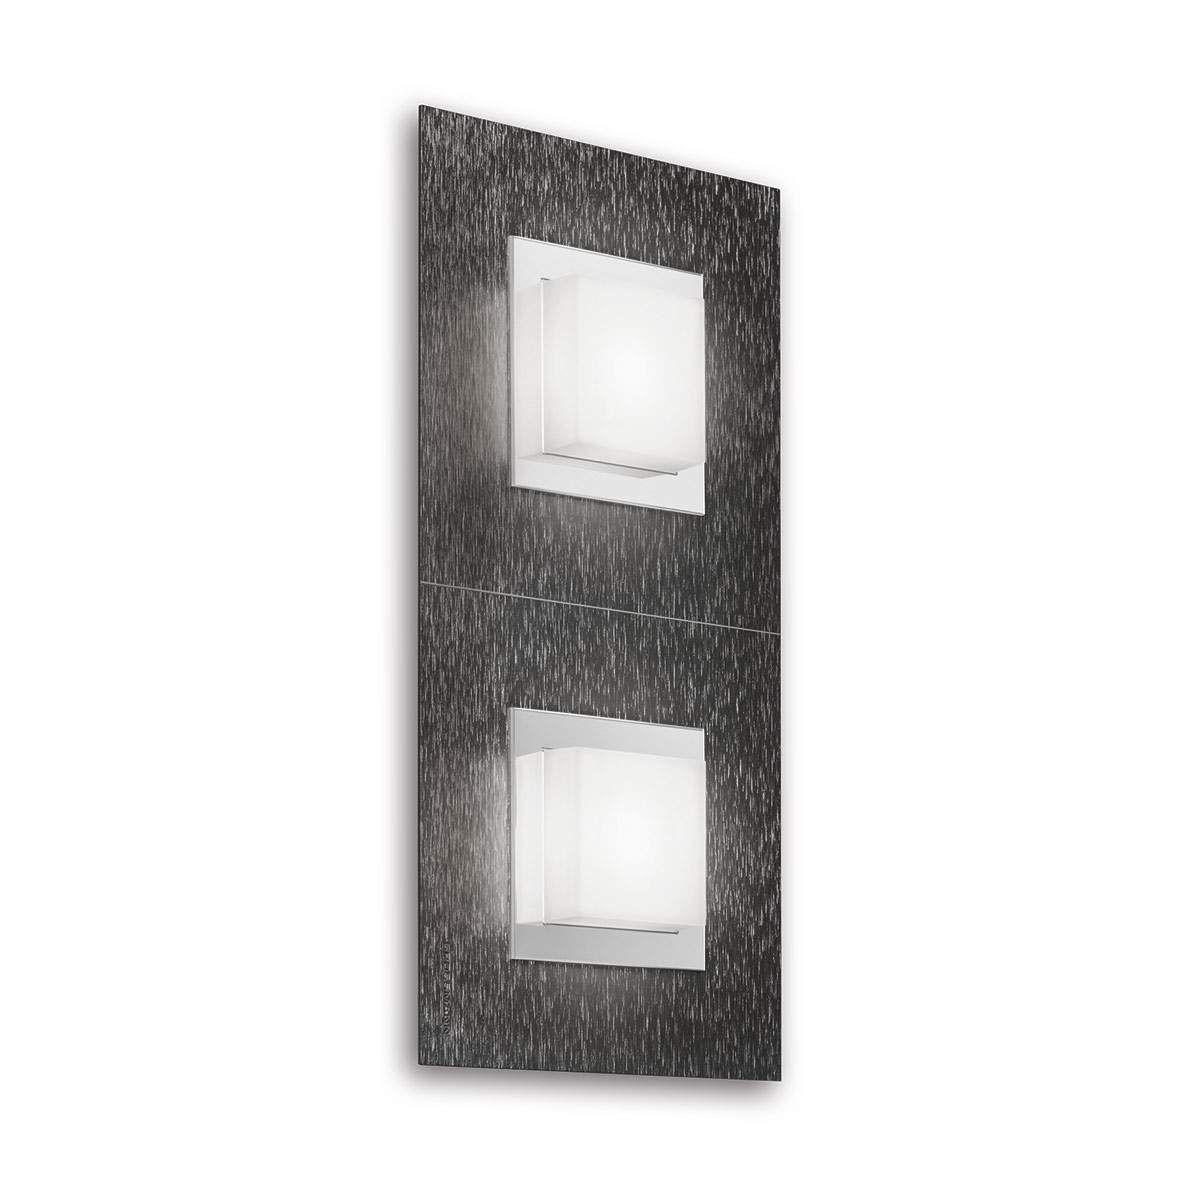 wandleuchte modern wohnzimmer | wandleuchte außen